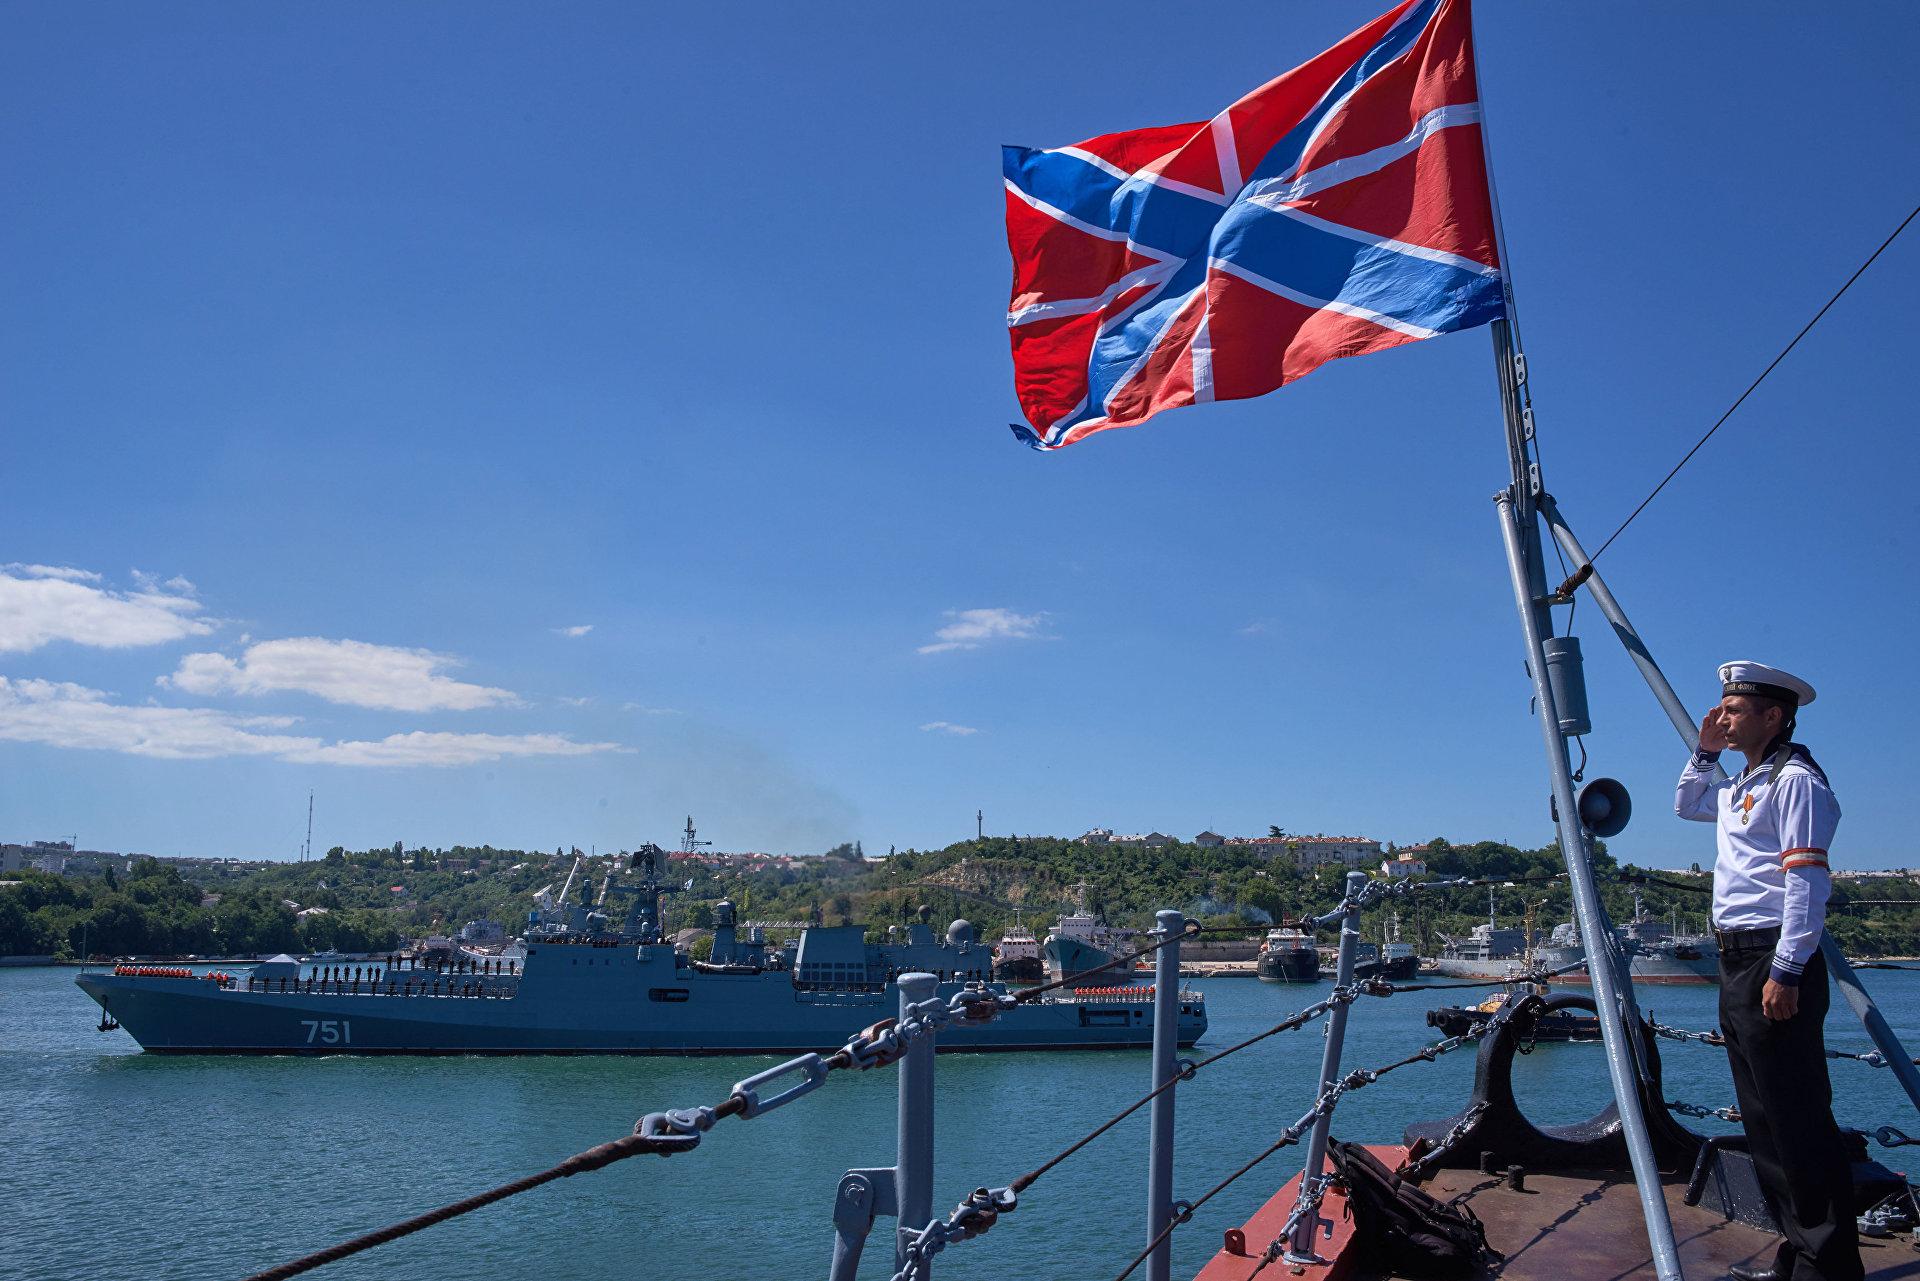 ЧФ уничтожит украинский флот еще на базах – малыми силами и не отвлекаясь от повседневных задач